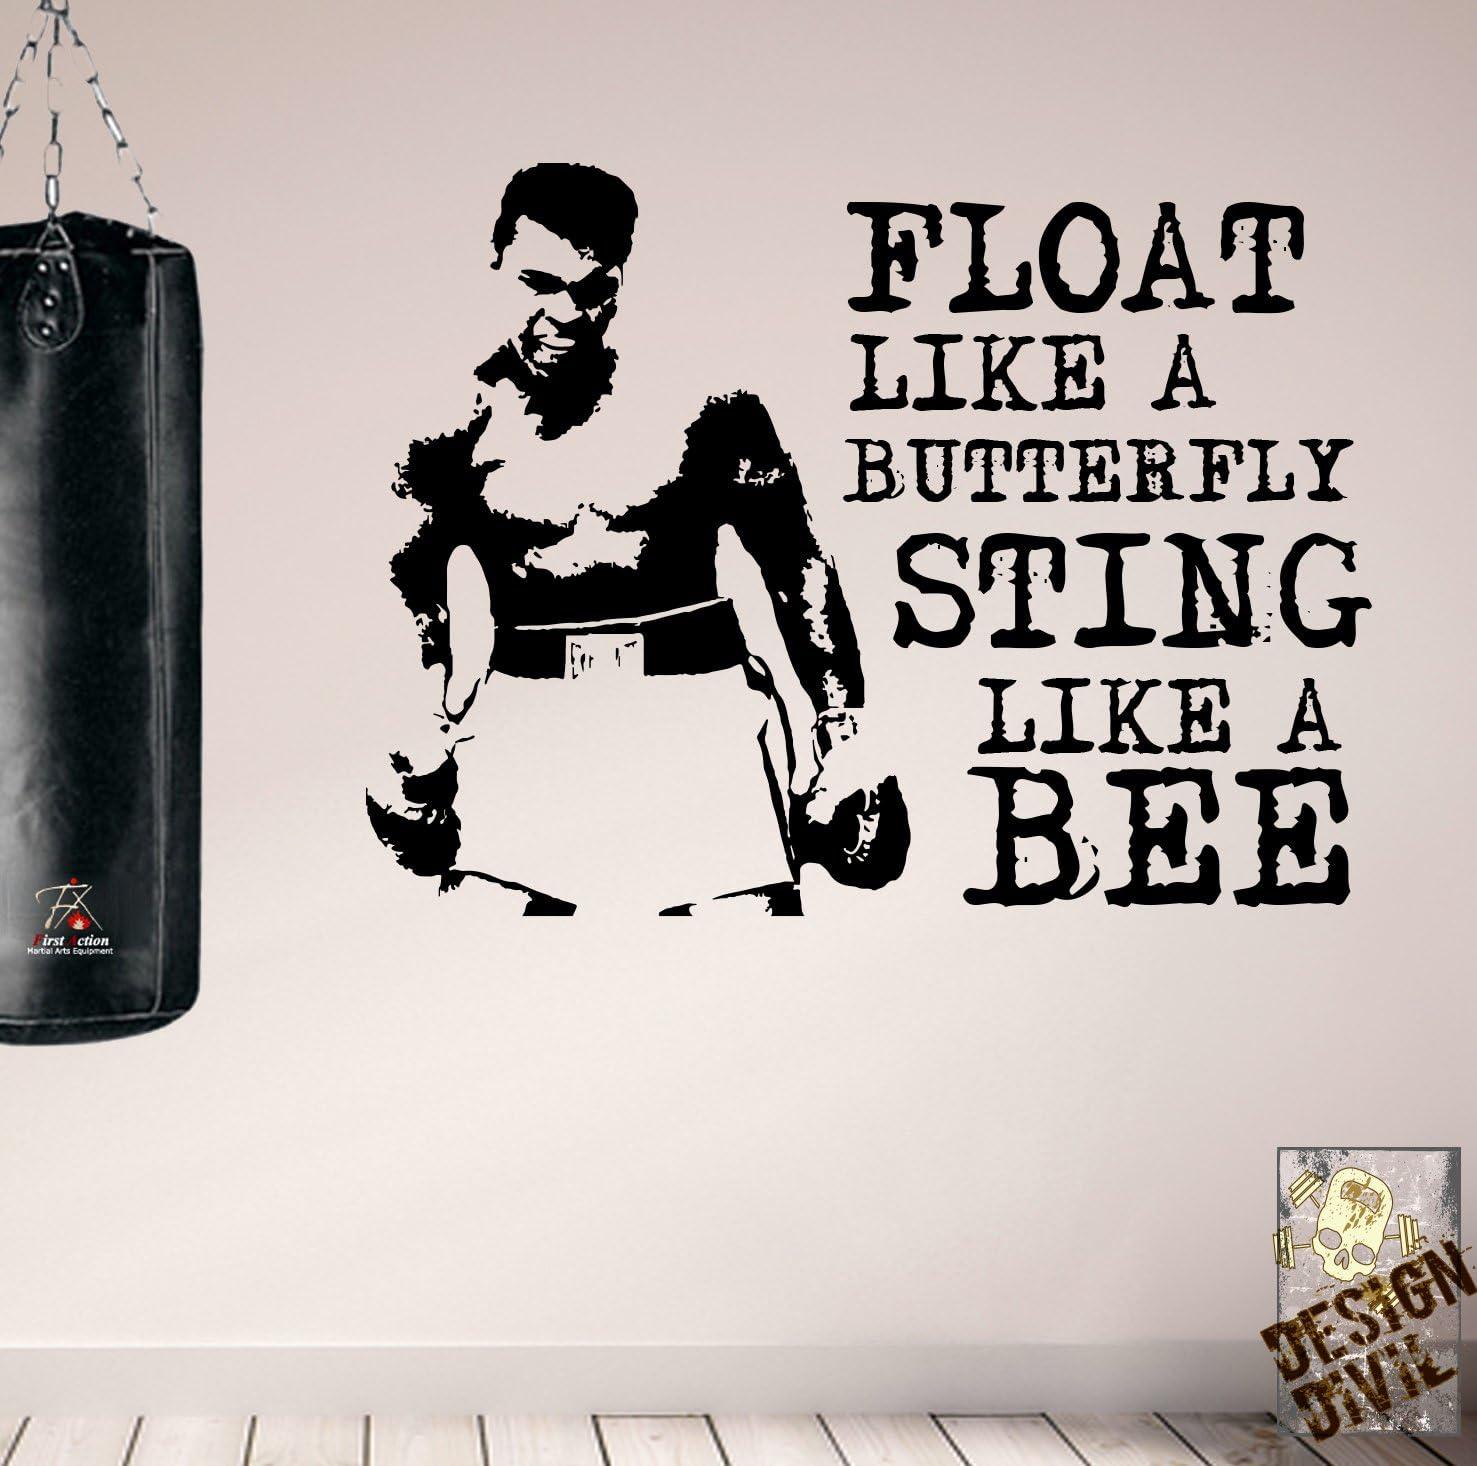 Pro diseño de Muhammad Ali de motivación con imagen de deporte ...